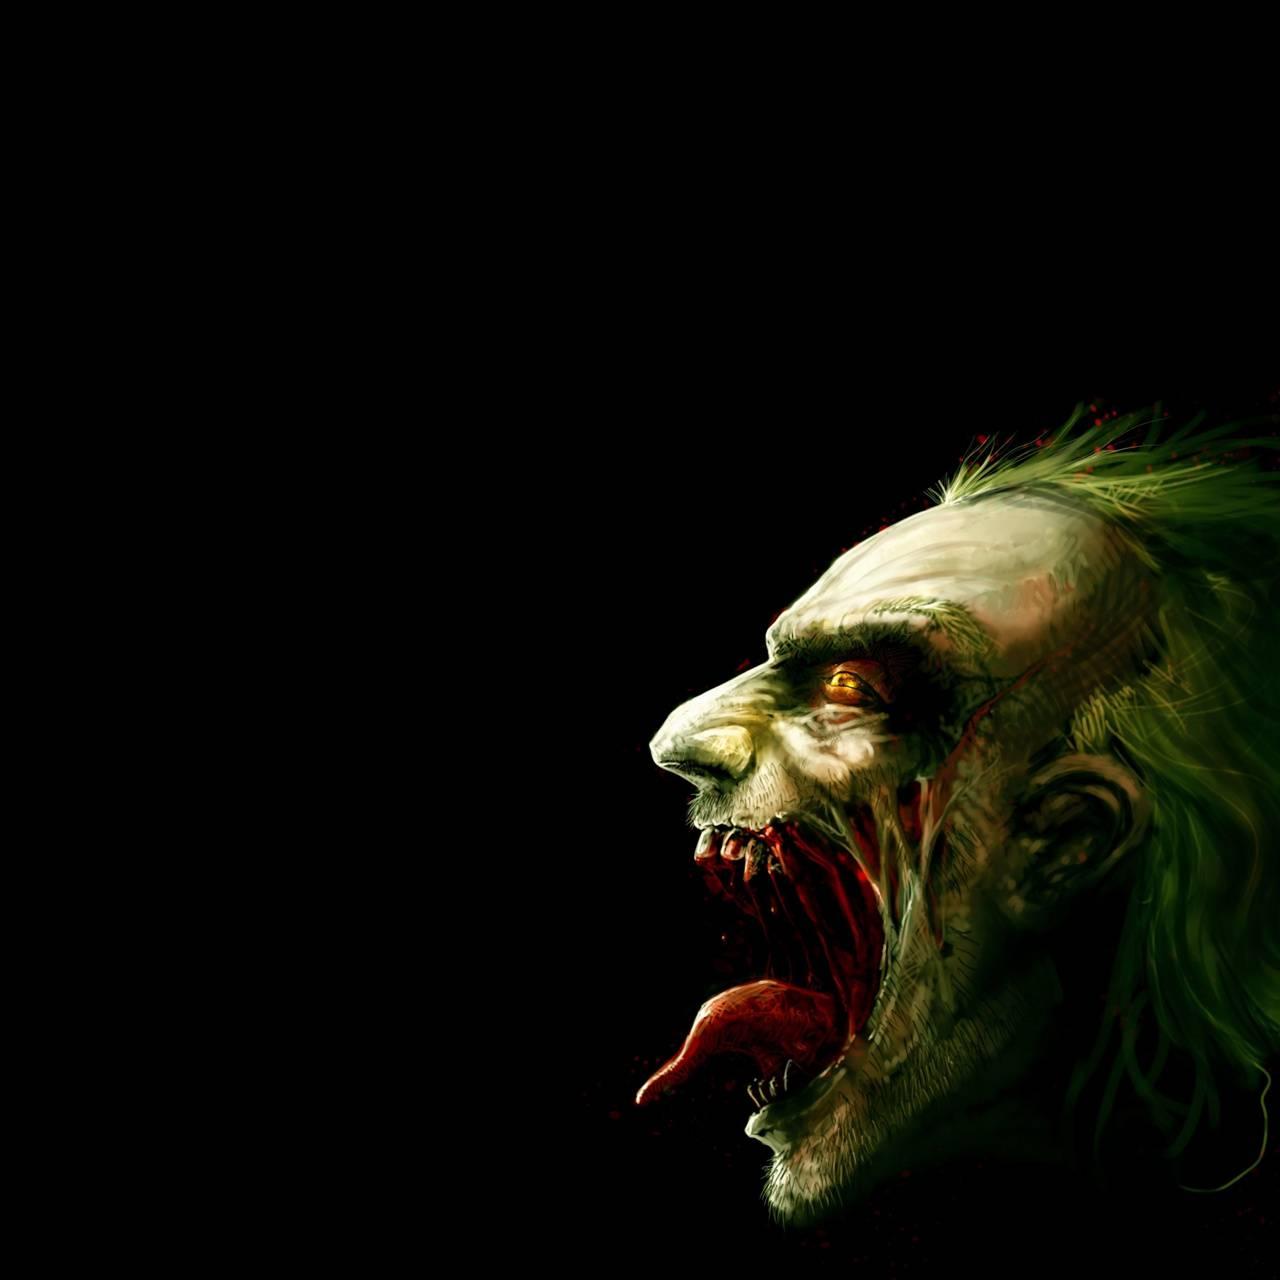 Wicked Joker